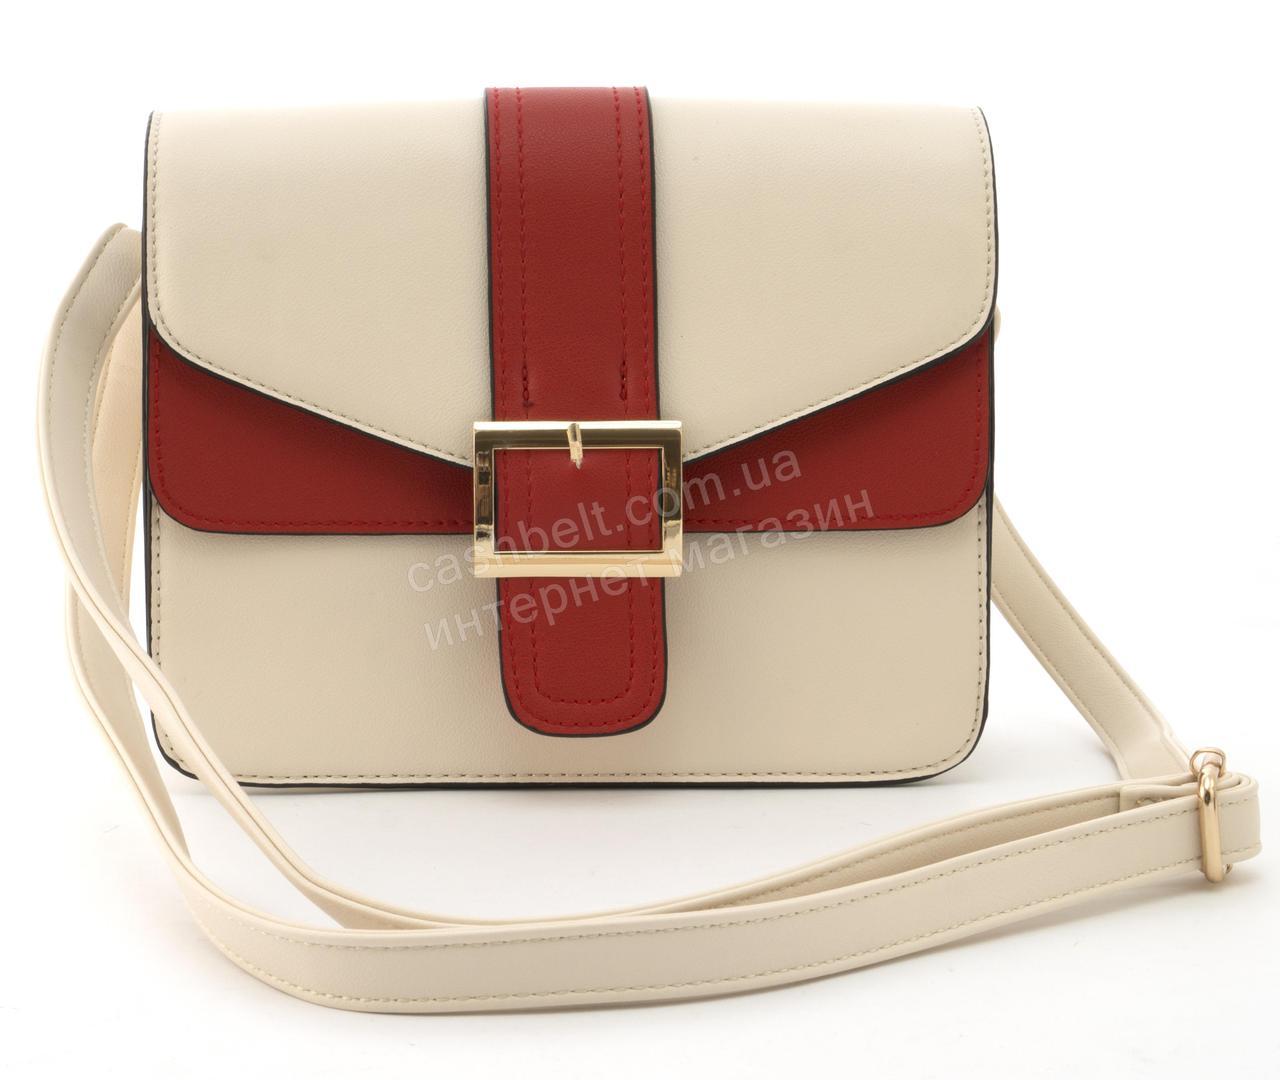 734ba5a61e27 Небольшая вместительная женская стильная сумочка из эко кожи Love Dream  art. HB-1037 бежевая